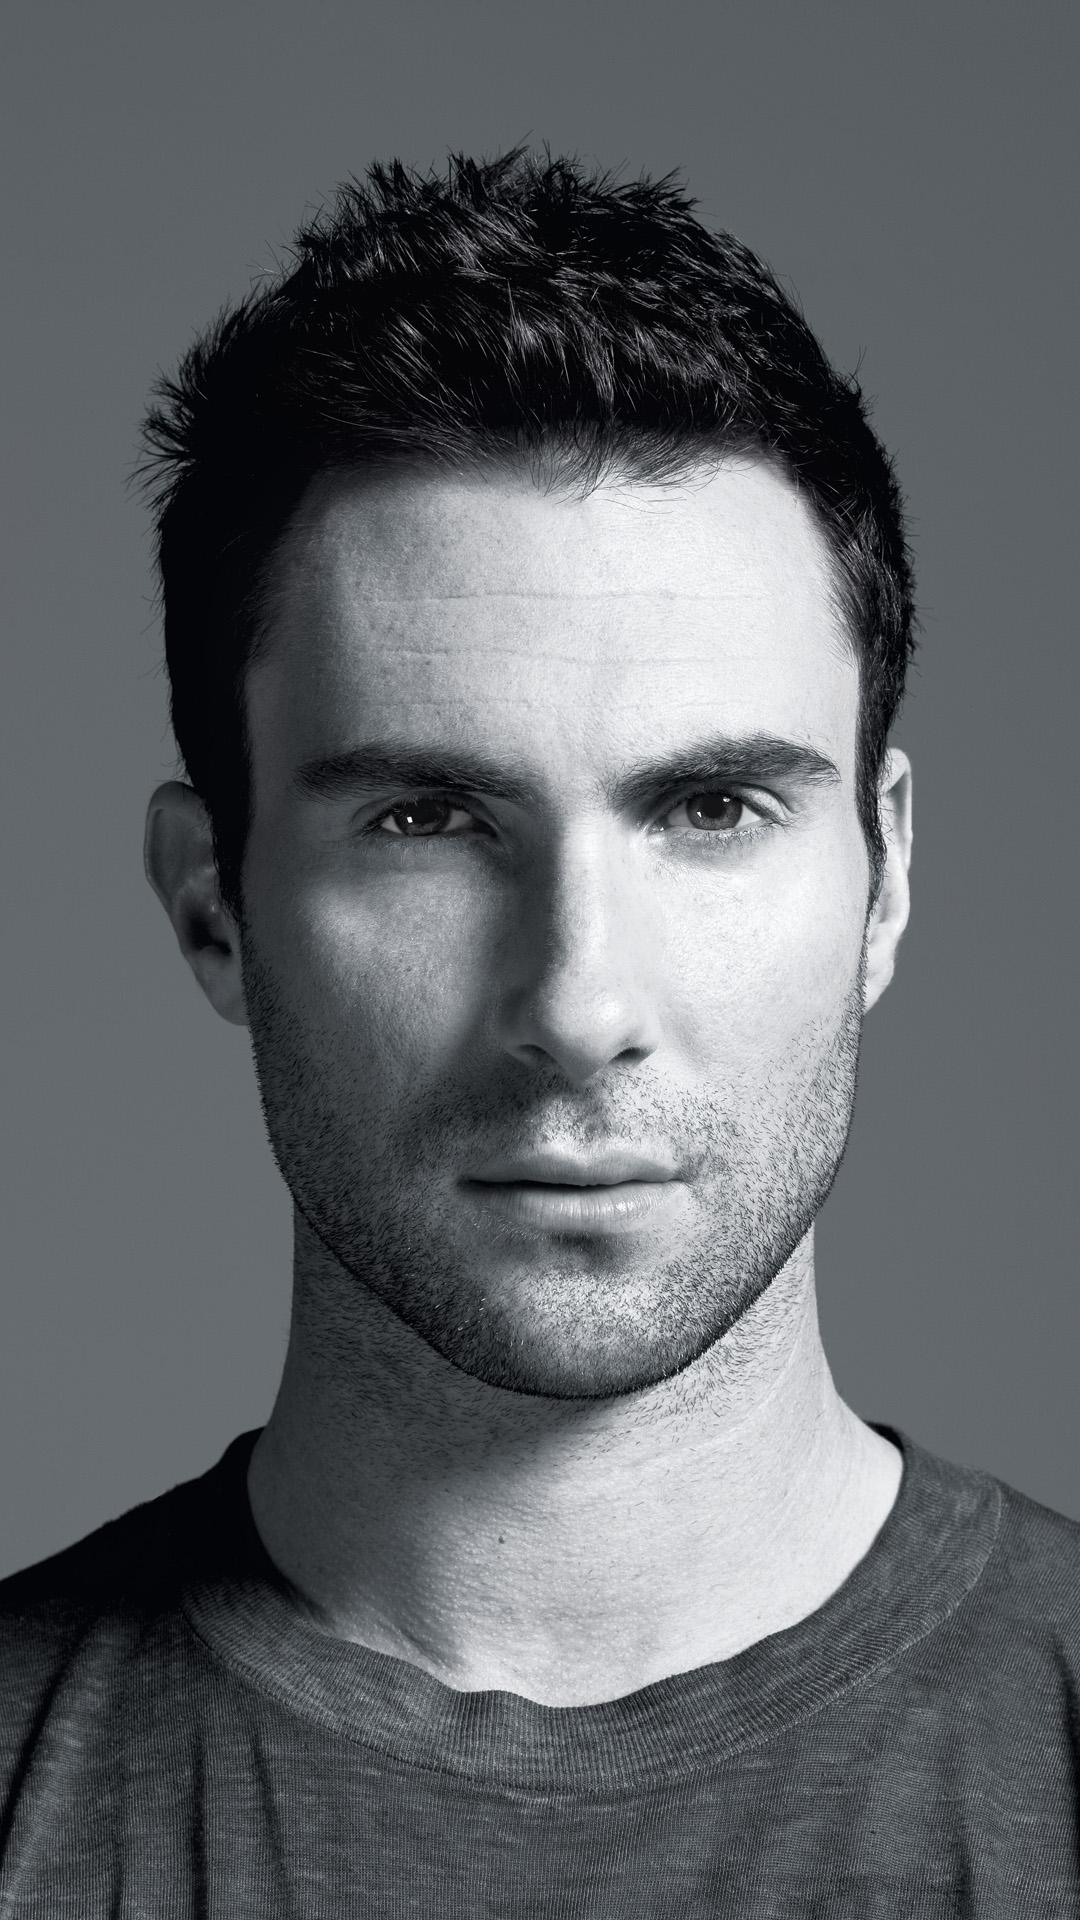 Adam Levine Maroon 5